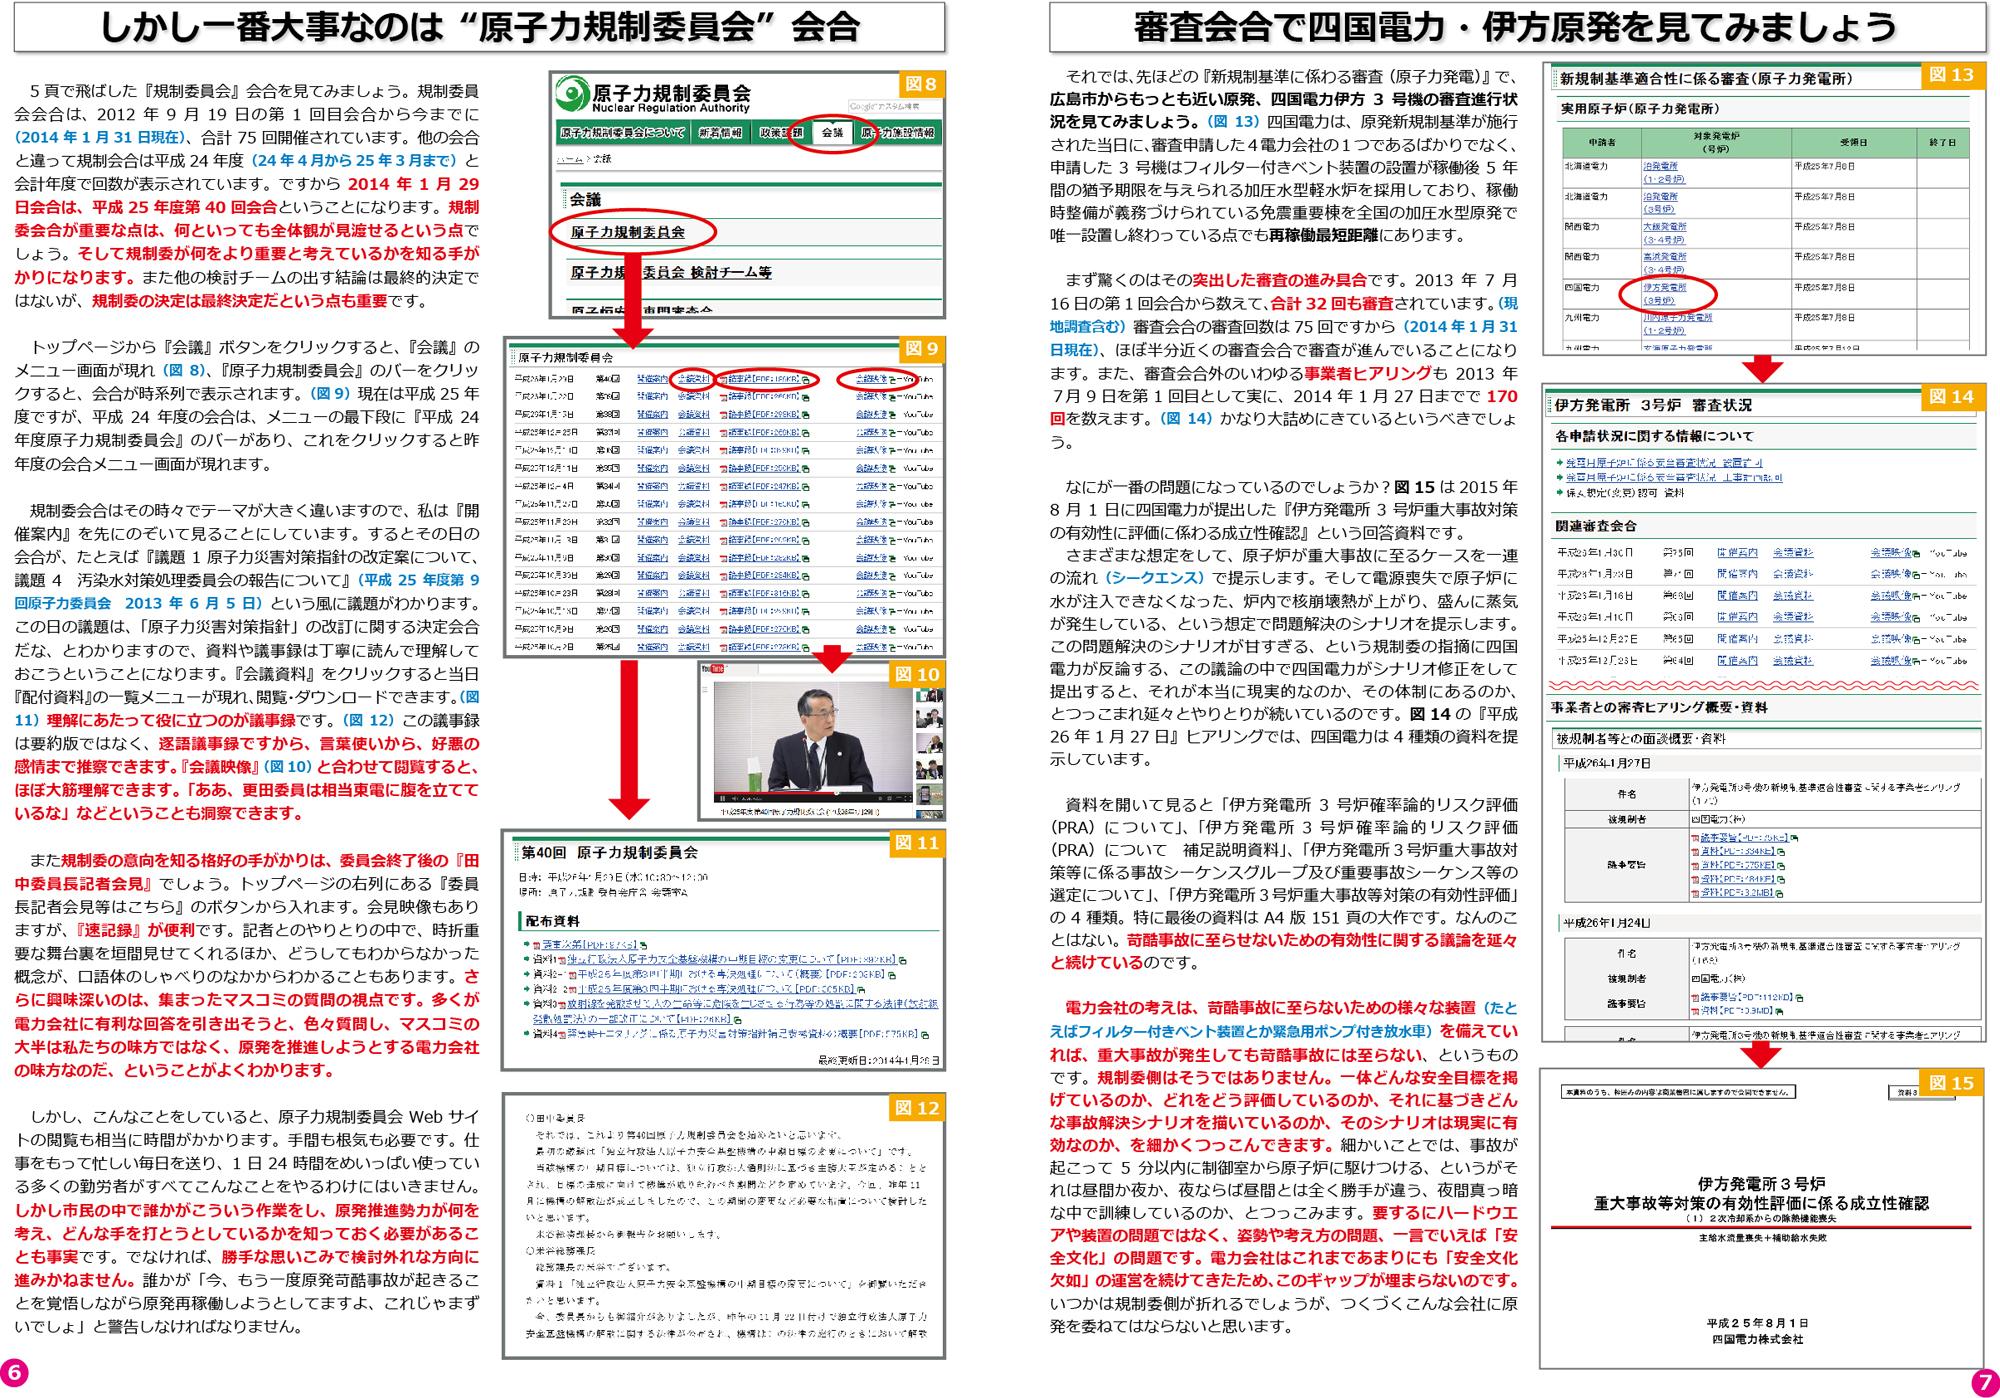 ファイル 258-4.jpg